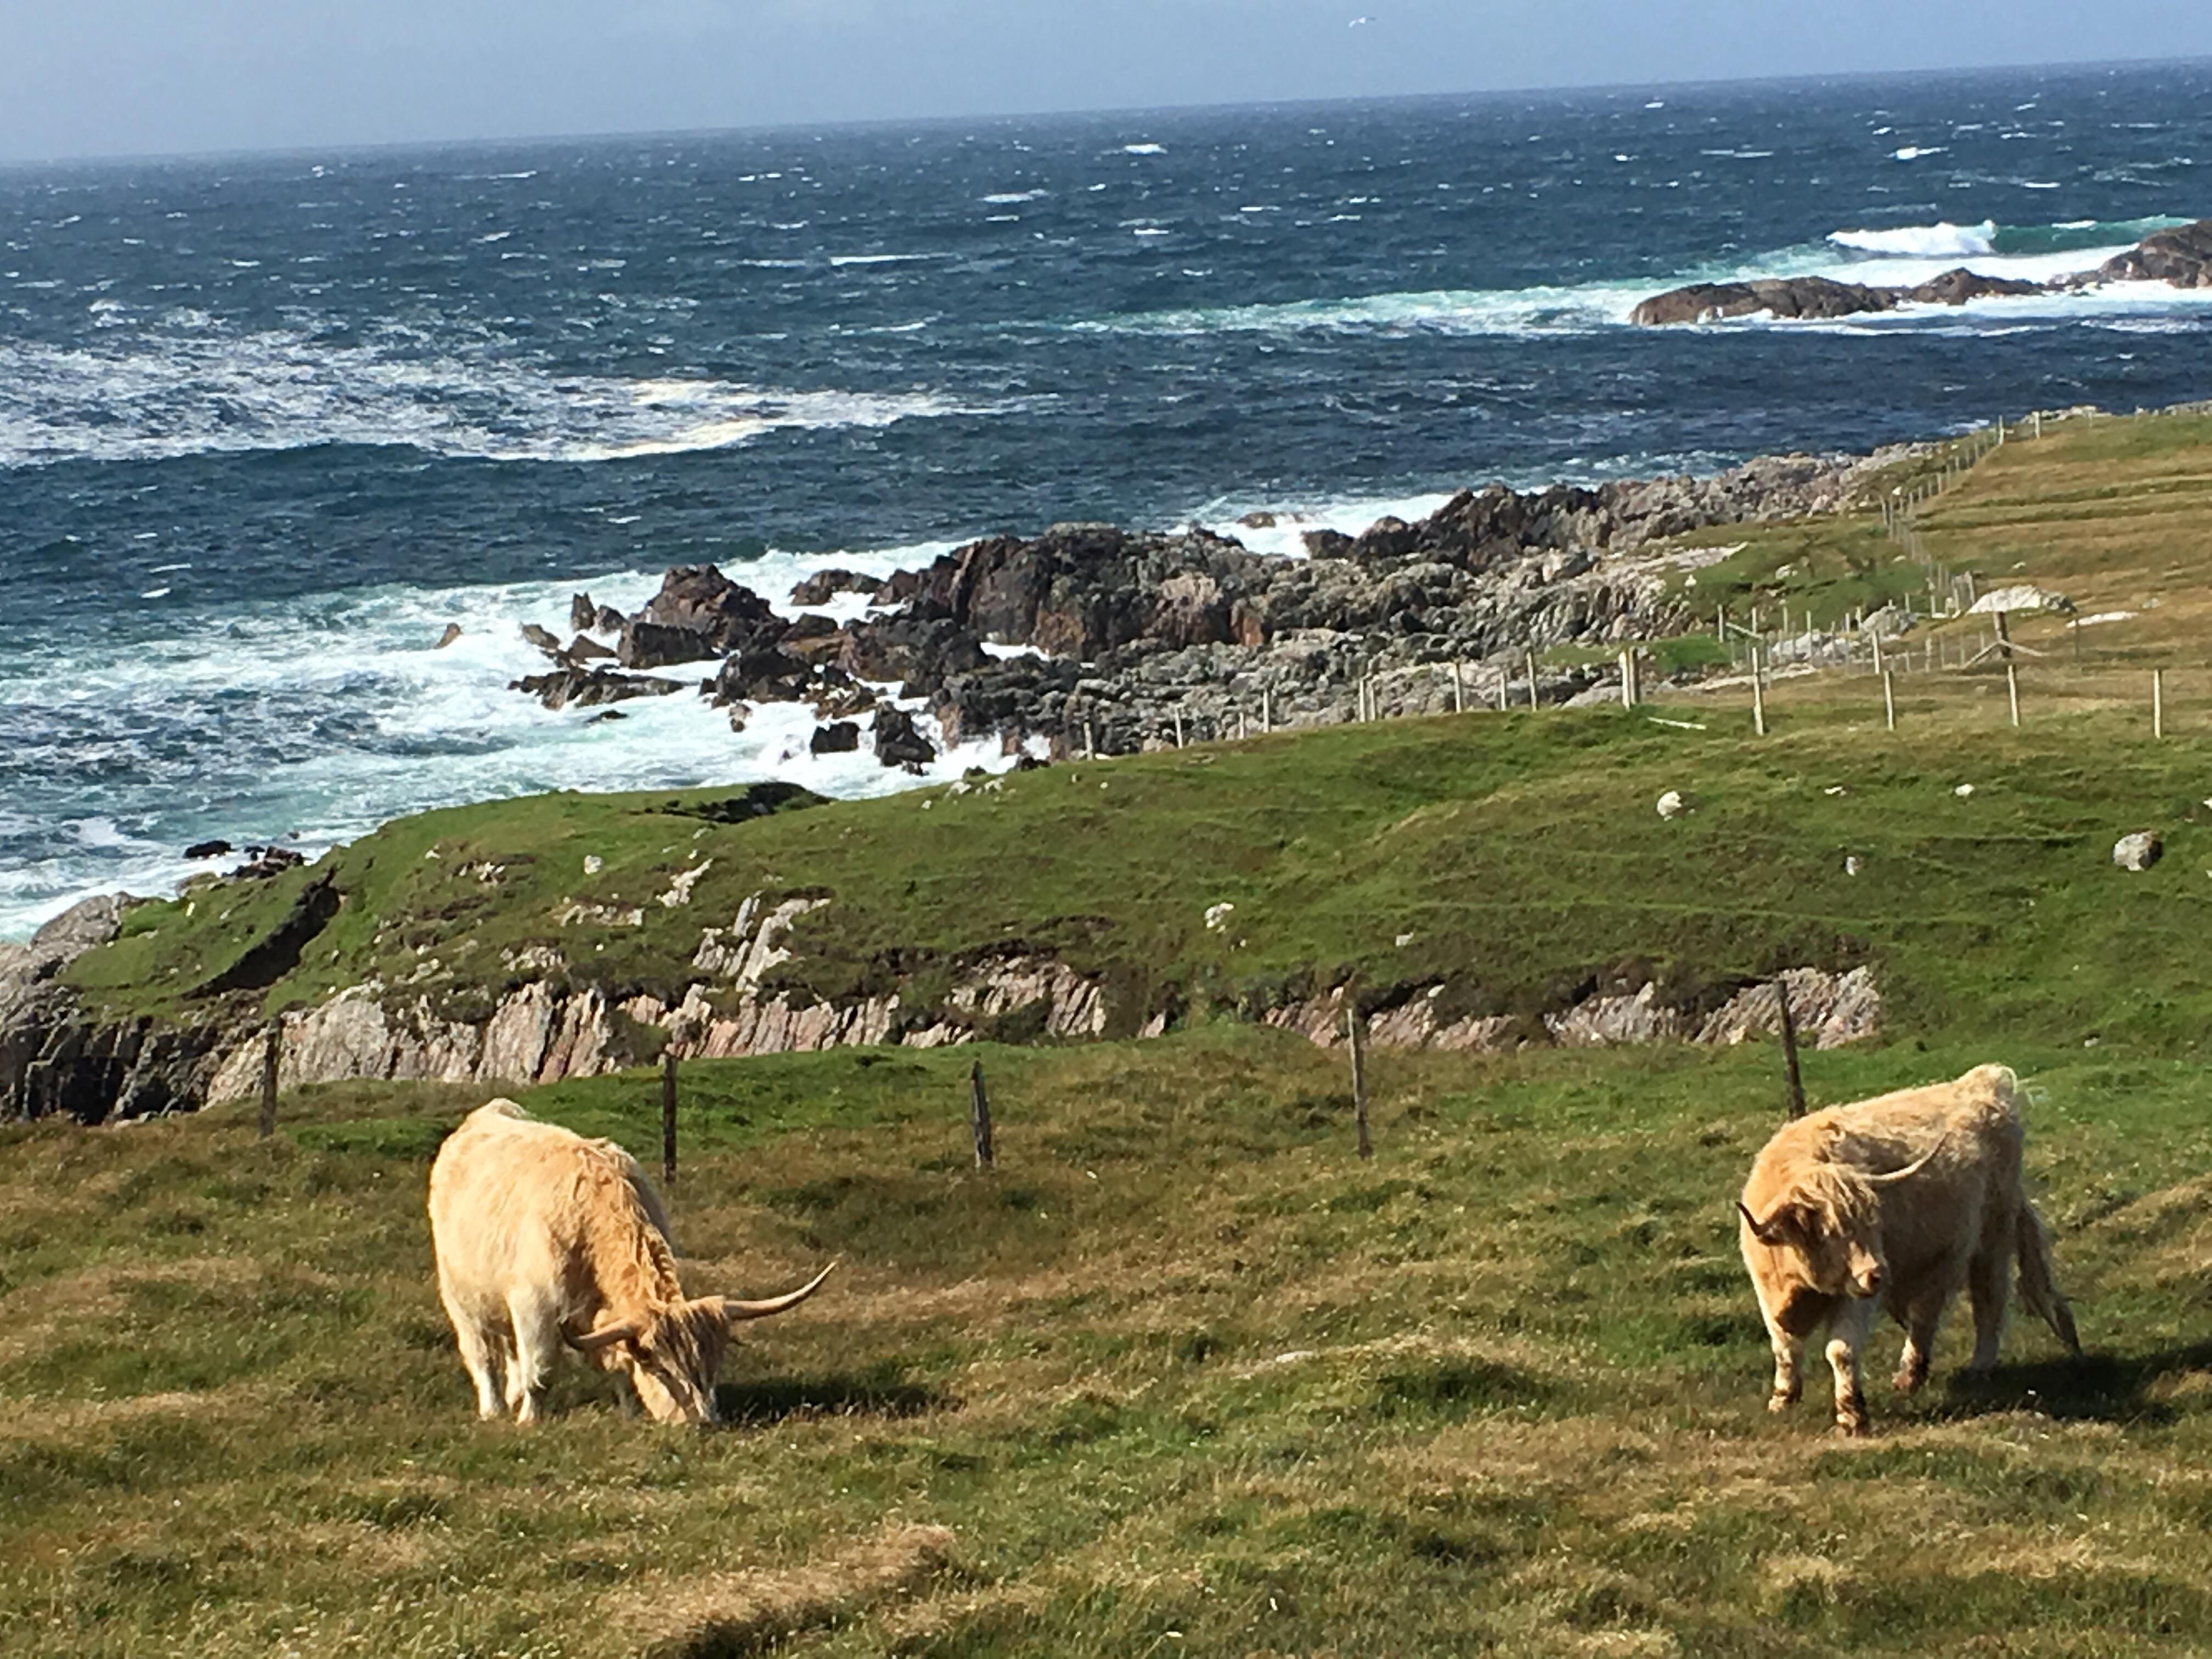 Fotospots in Schottland - Cattles auf der Isle of Harris